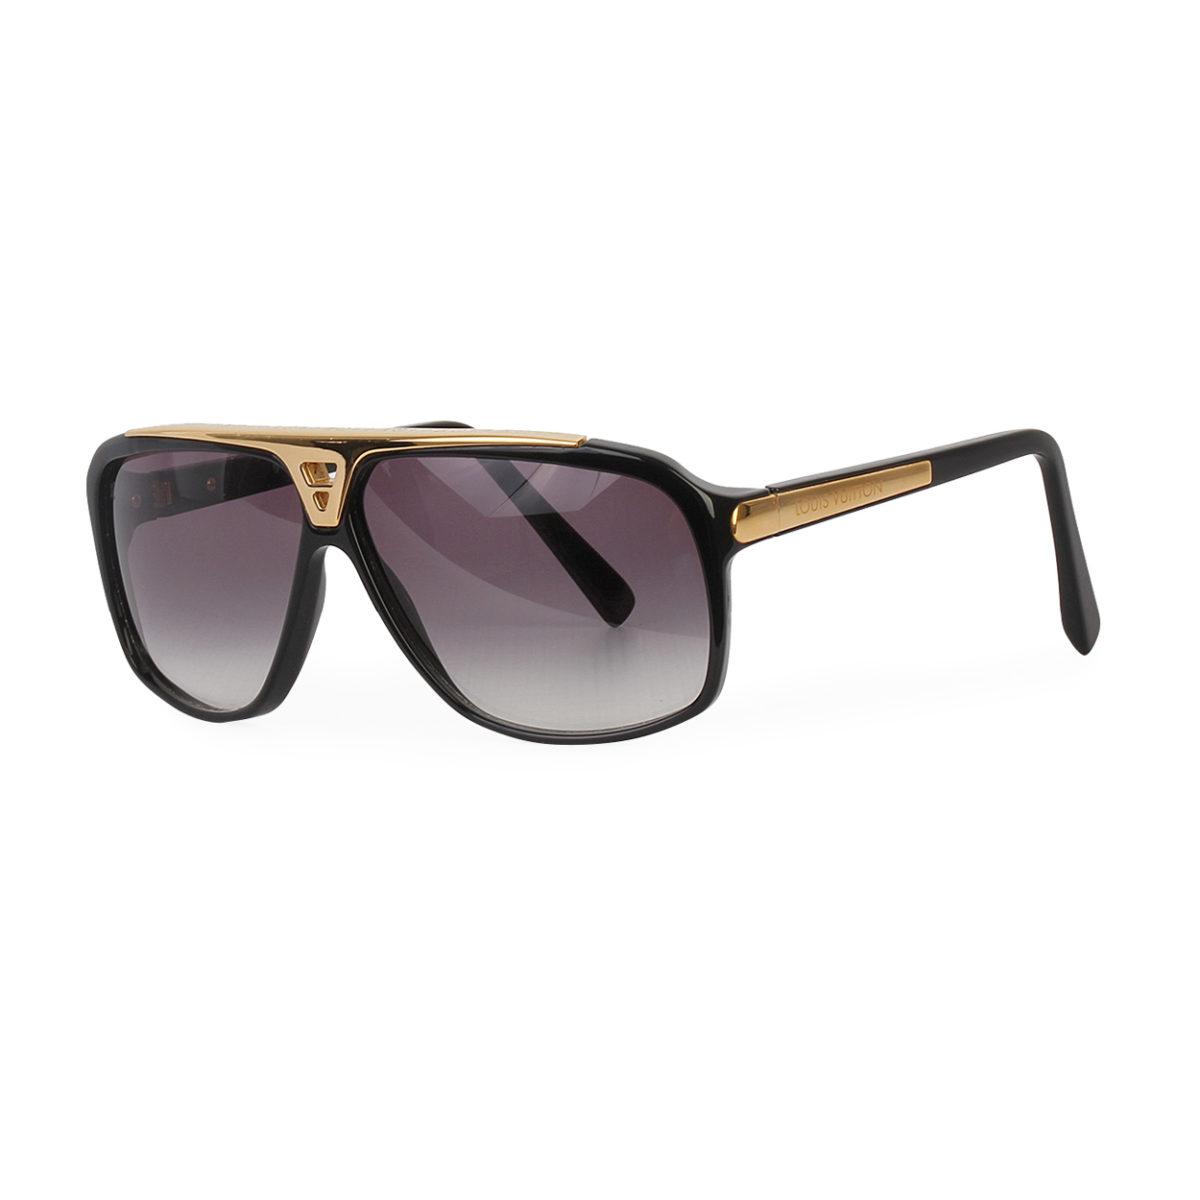 21eadc2d08 LOUIS VUITTON Evidence Sunglasses Z0350W Black Gold